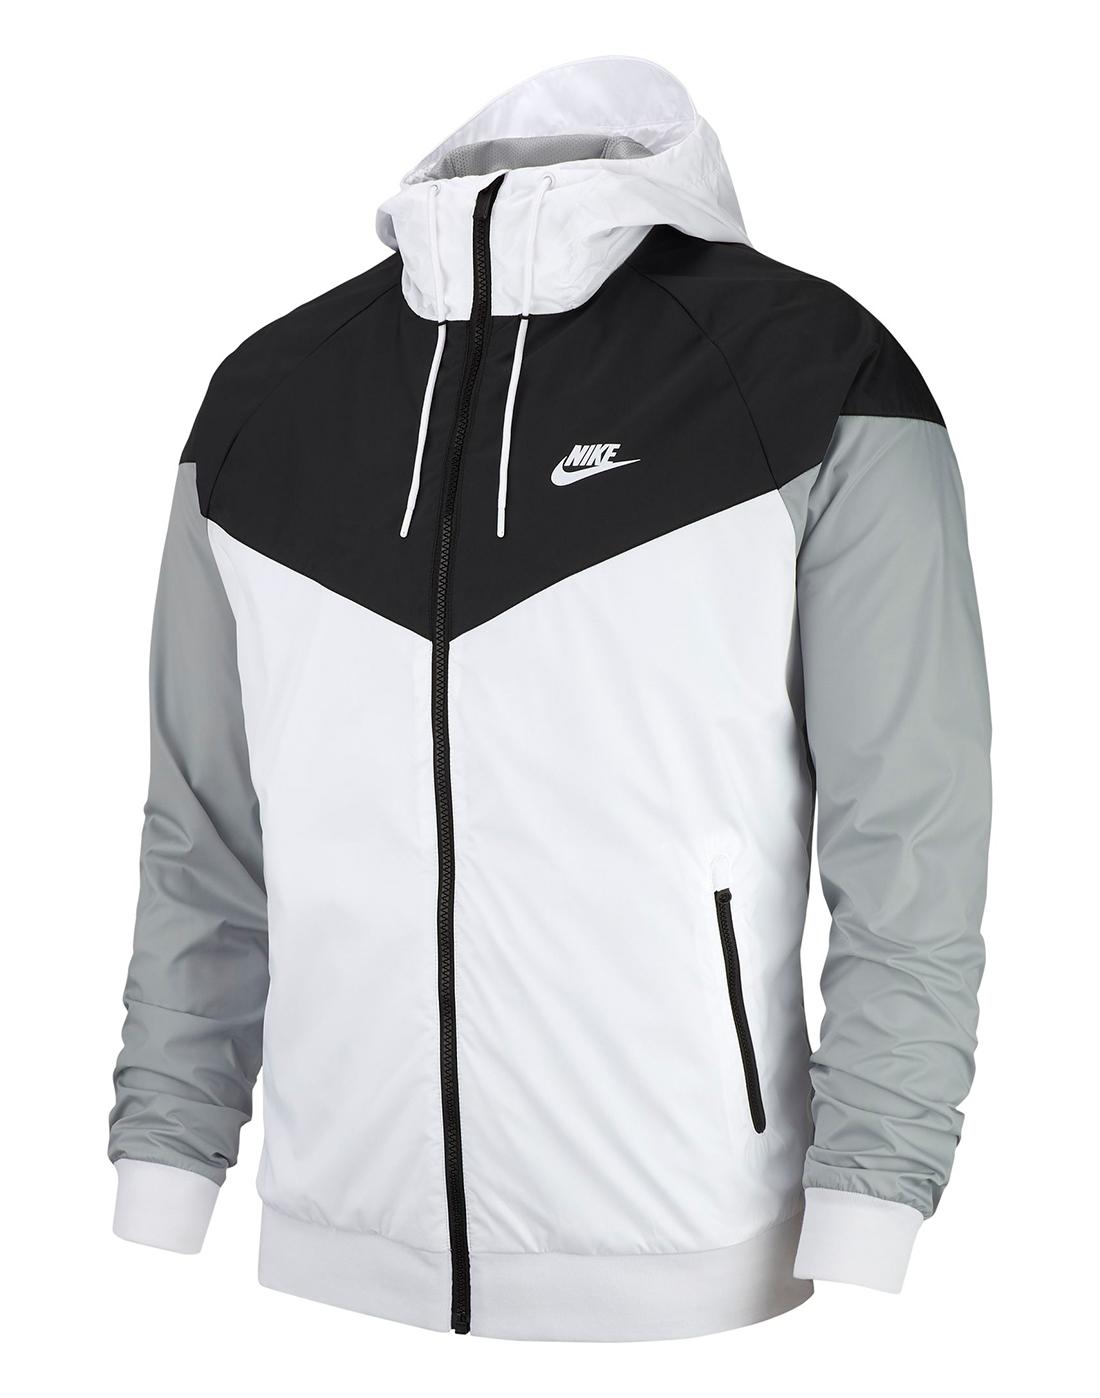 12c97fc37d5b Nike. Mens Windrunner Jacket. Mens Windrunner Jacket ...